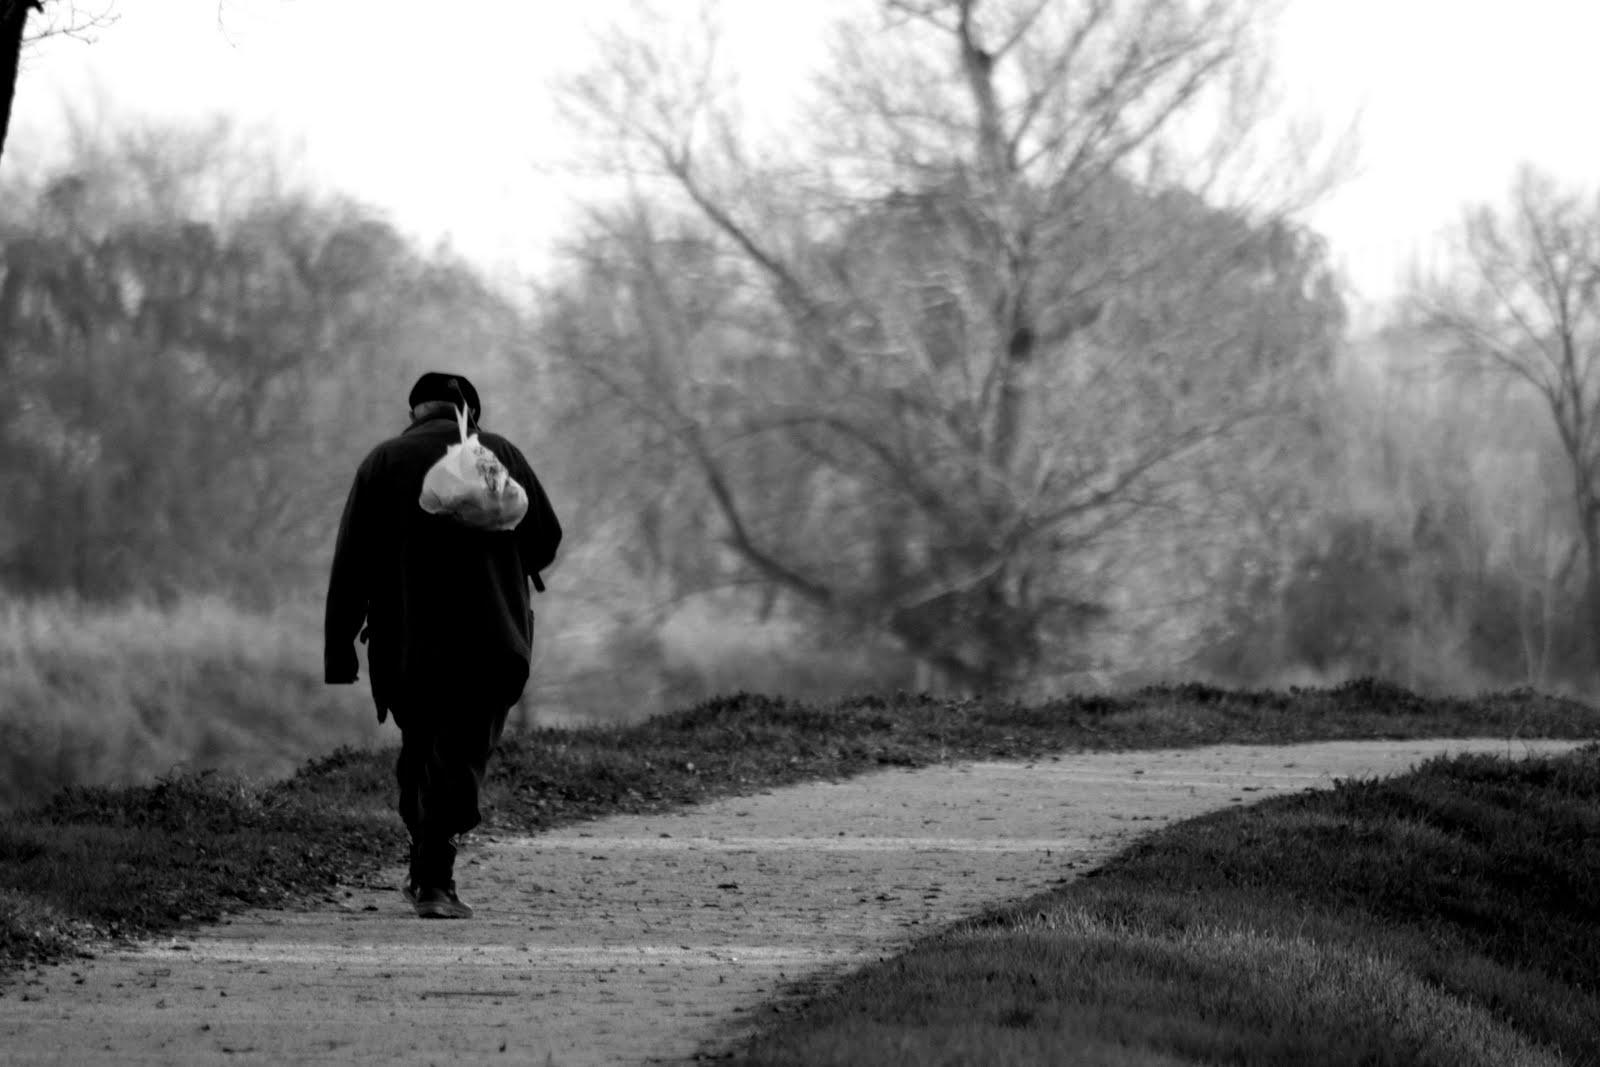 Resultado de imagen para imagenes de caminante